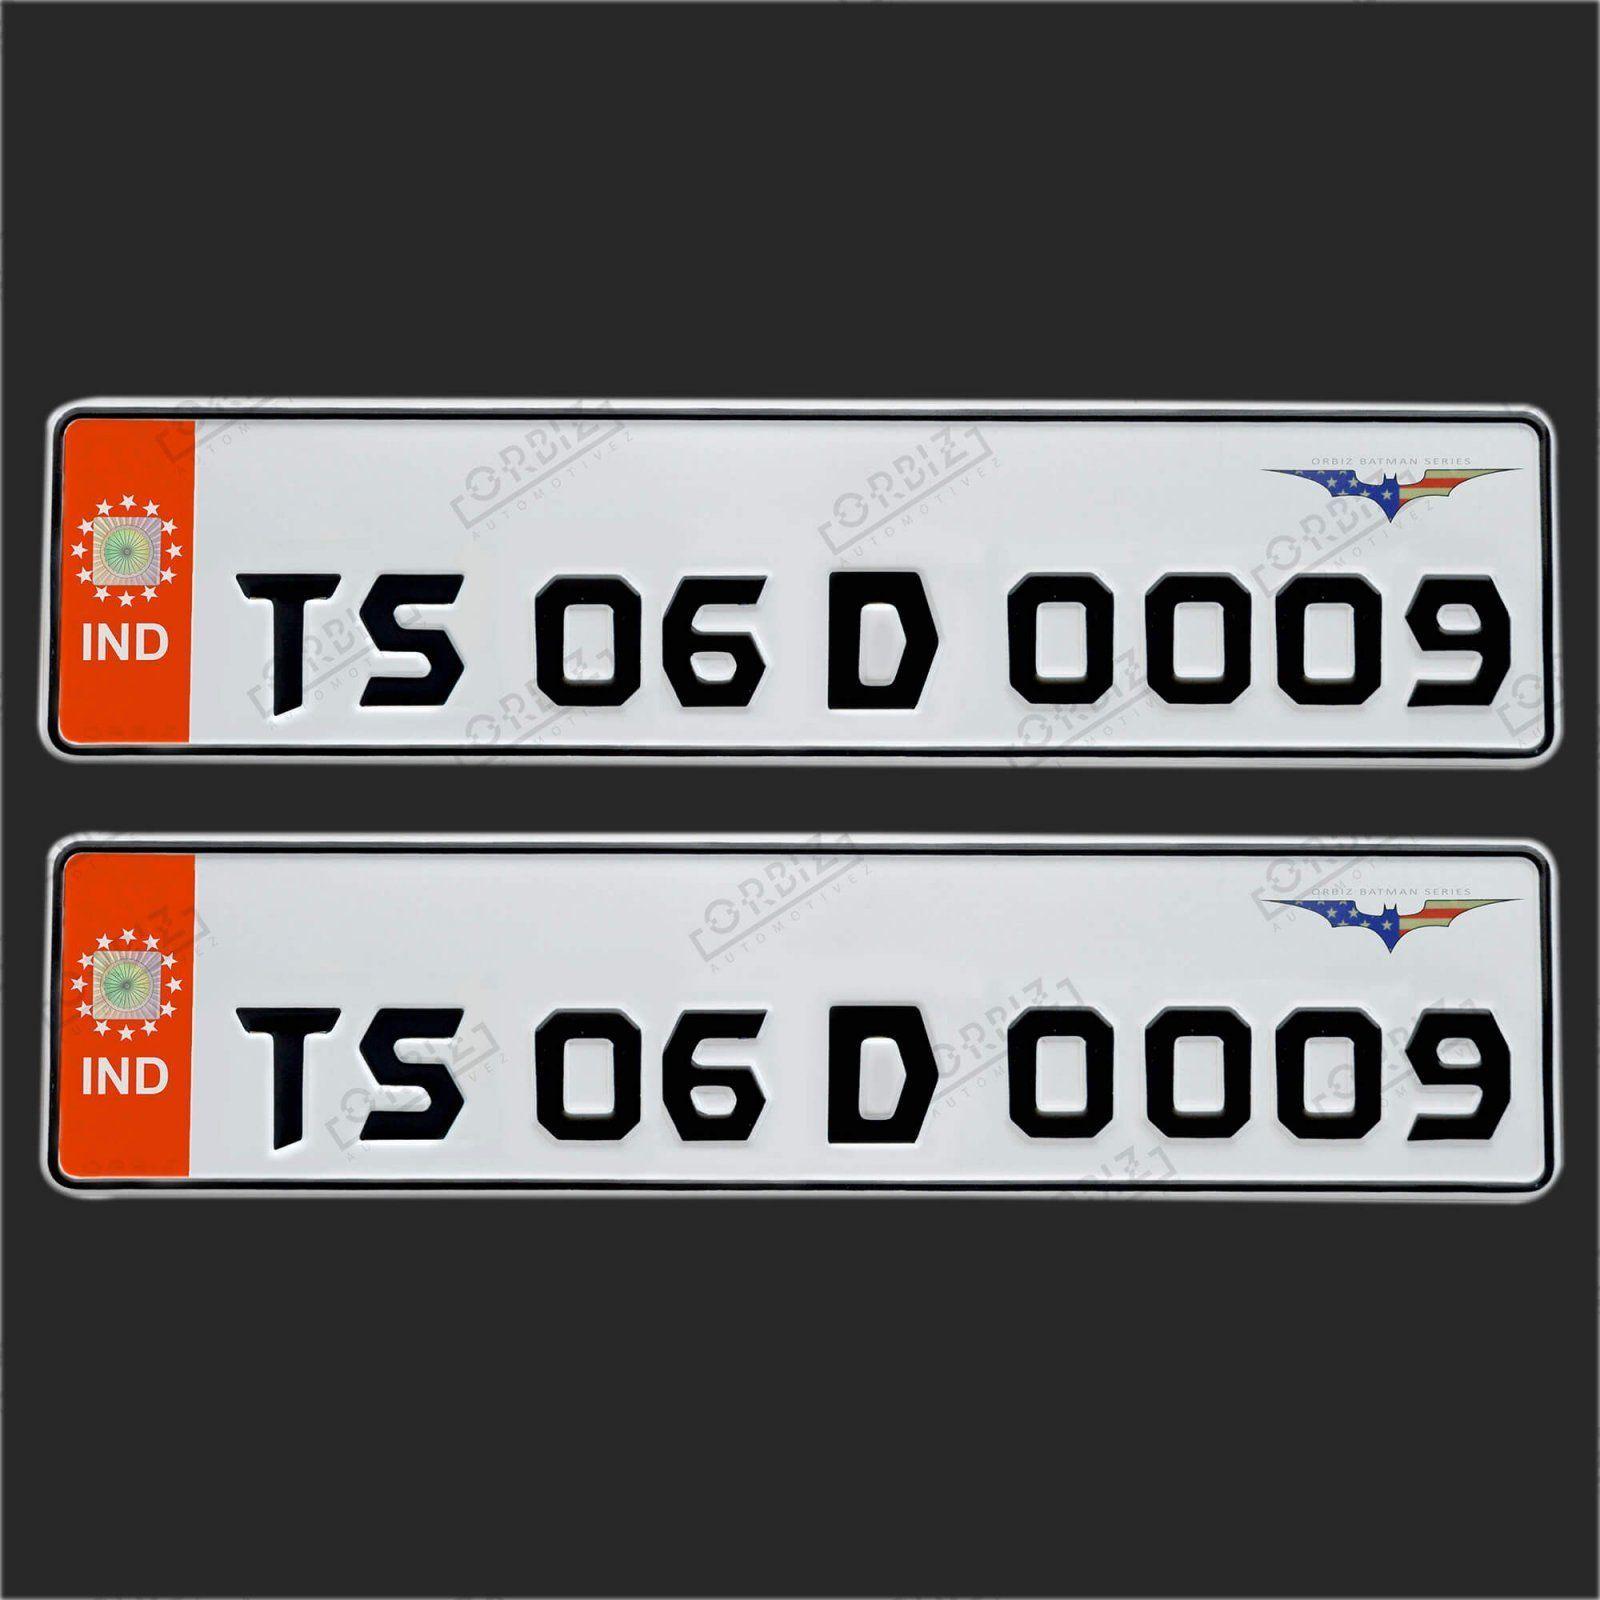 Orbiz Batman Number Plate Design Number Plate Online Design